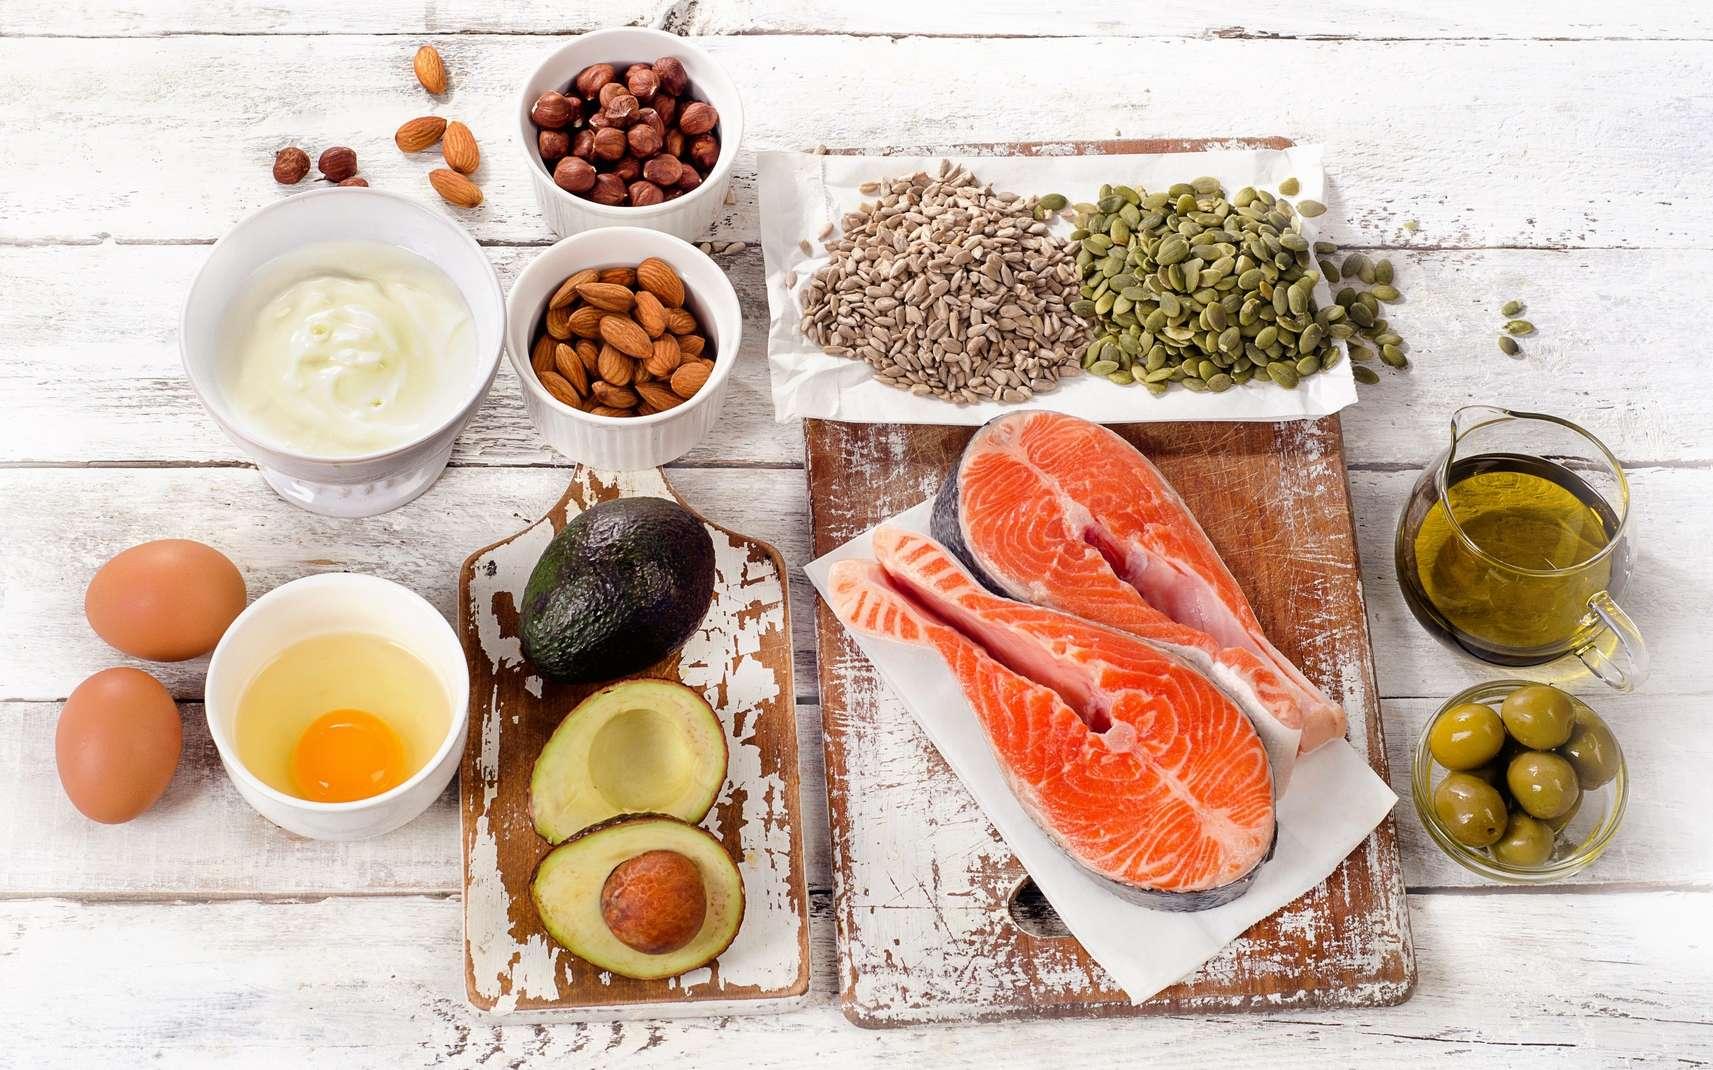 Régime : réduisez les glucides plutôt que les graisses